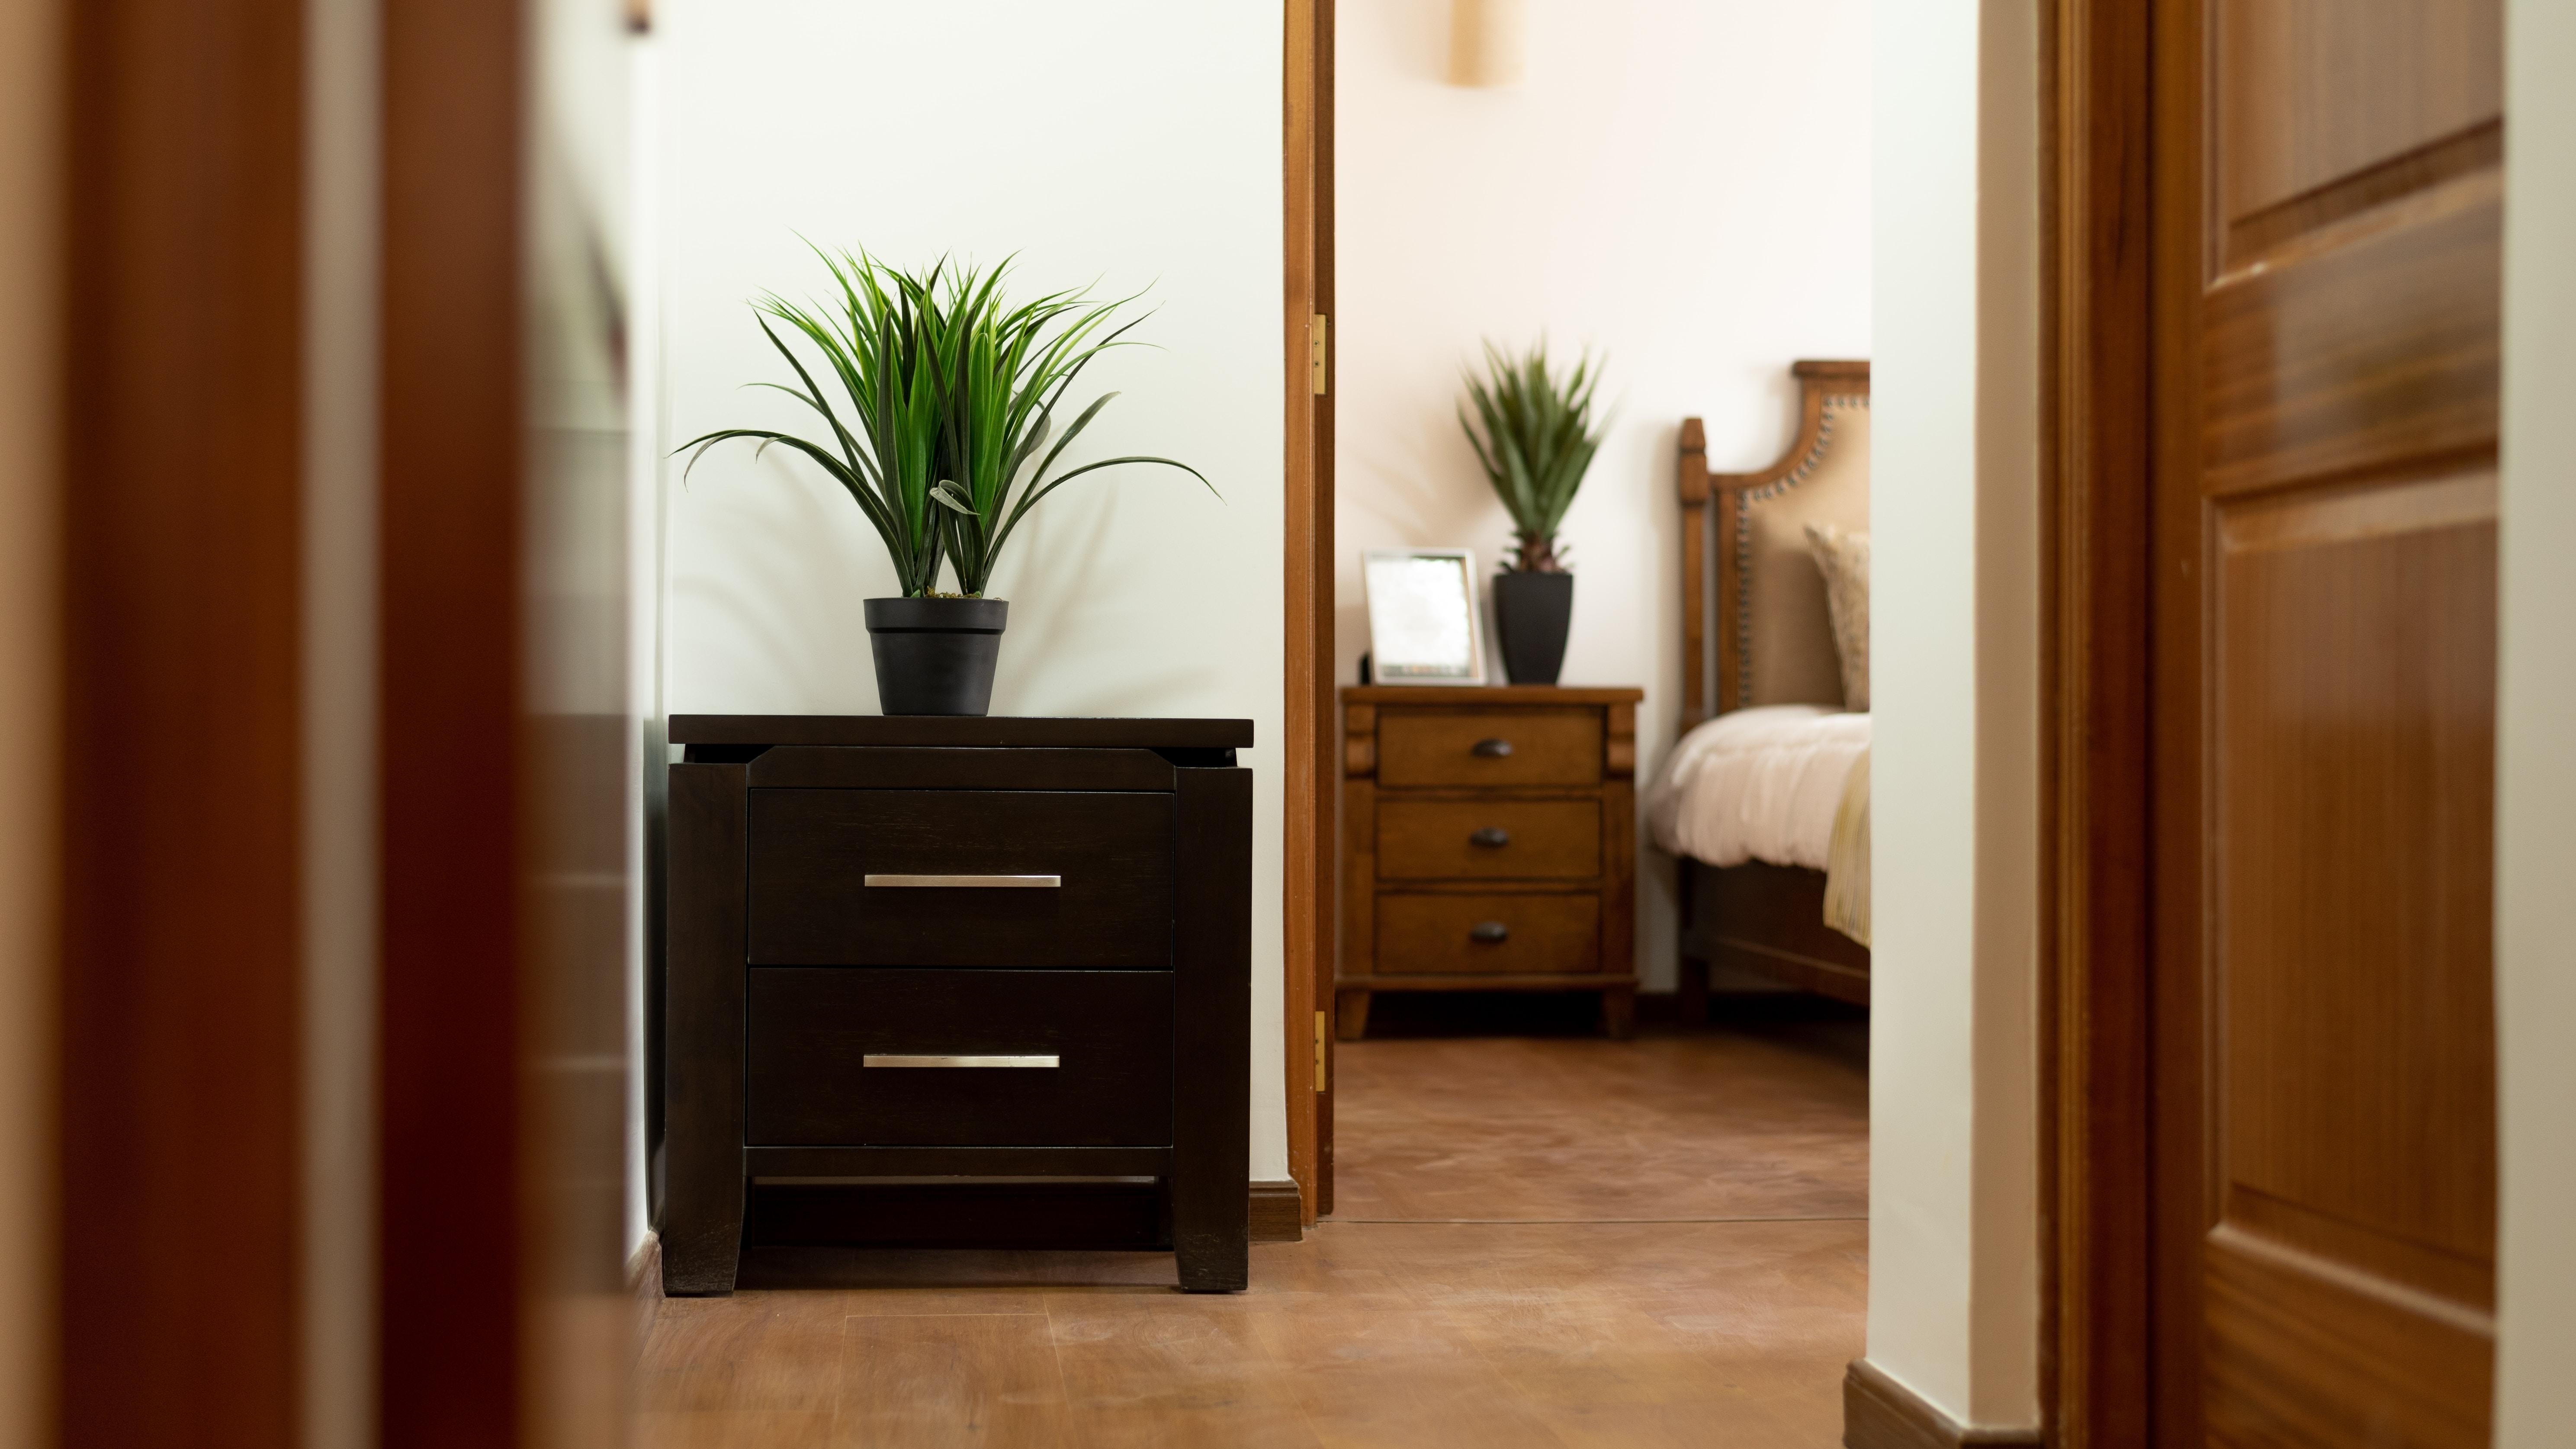 brown wooden nightstand beside doorway inside room